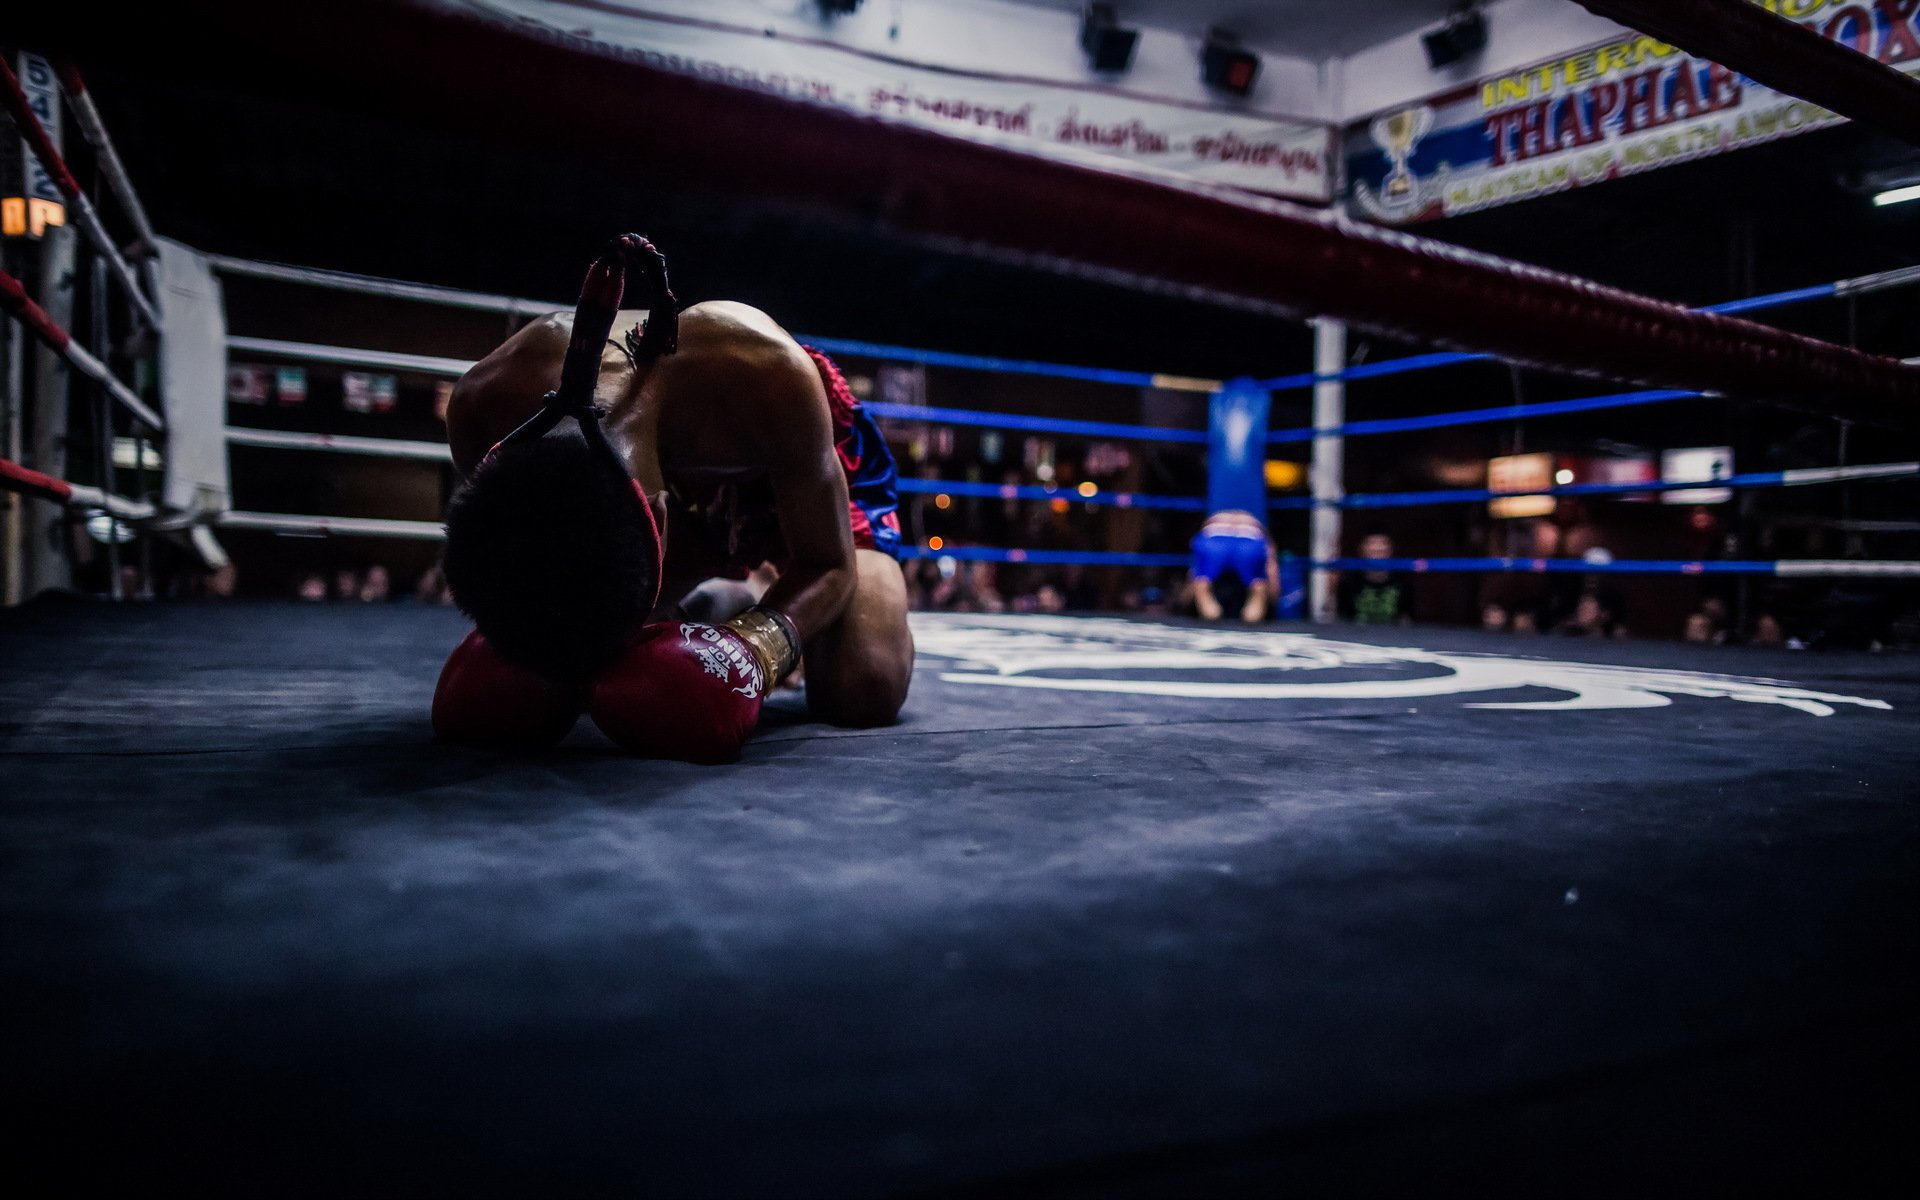 фото боксеров на ринге в высоком качестве его